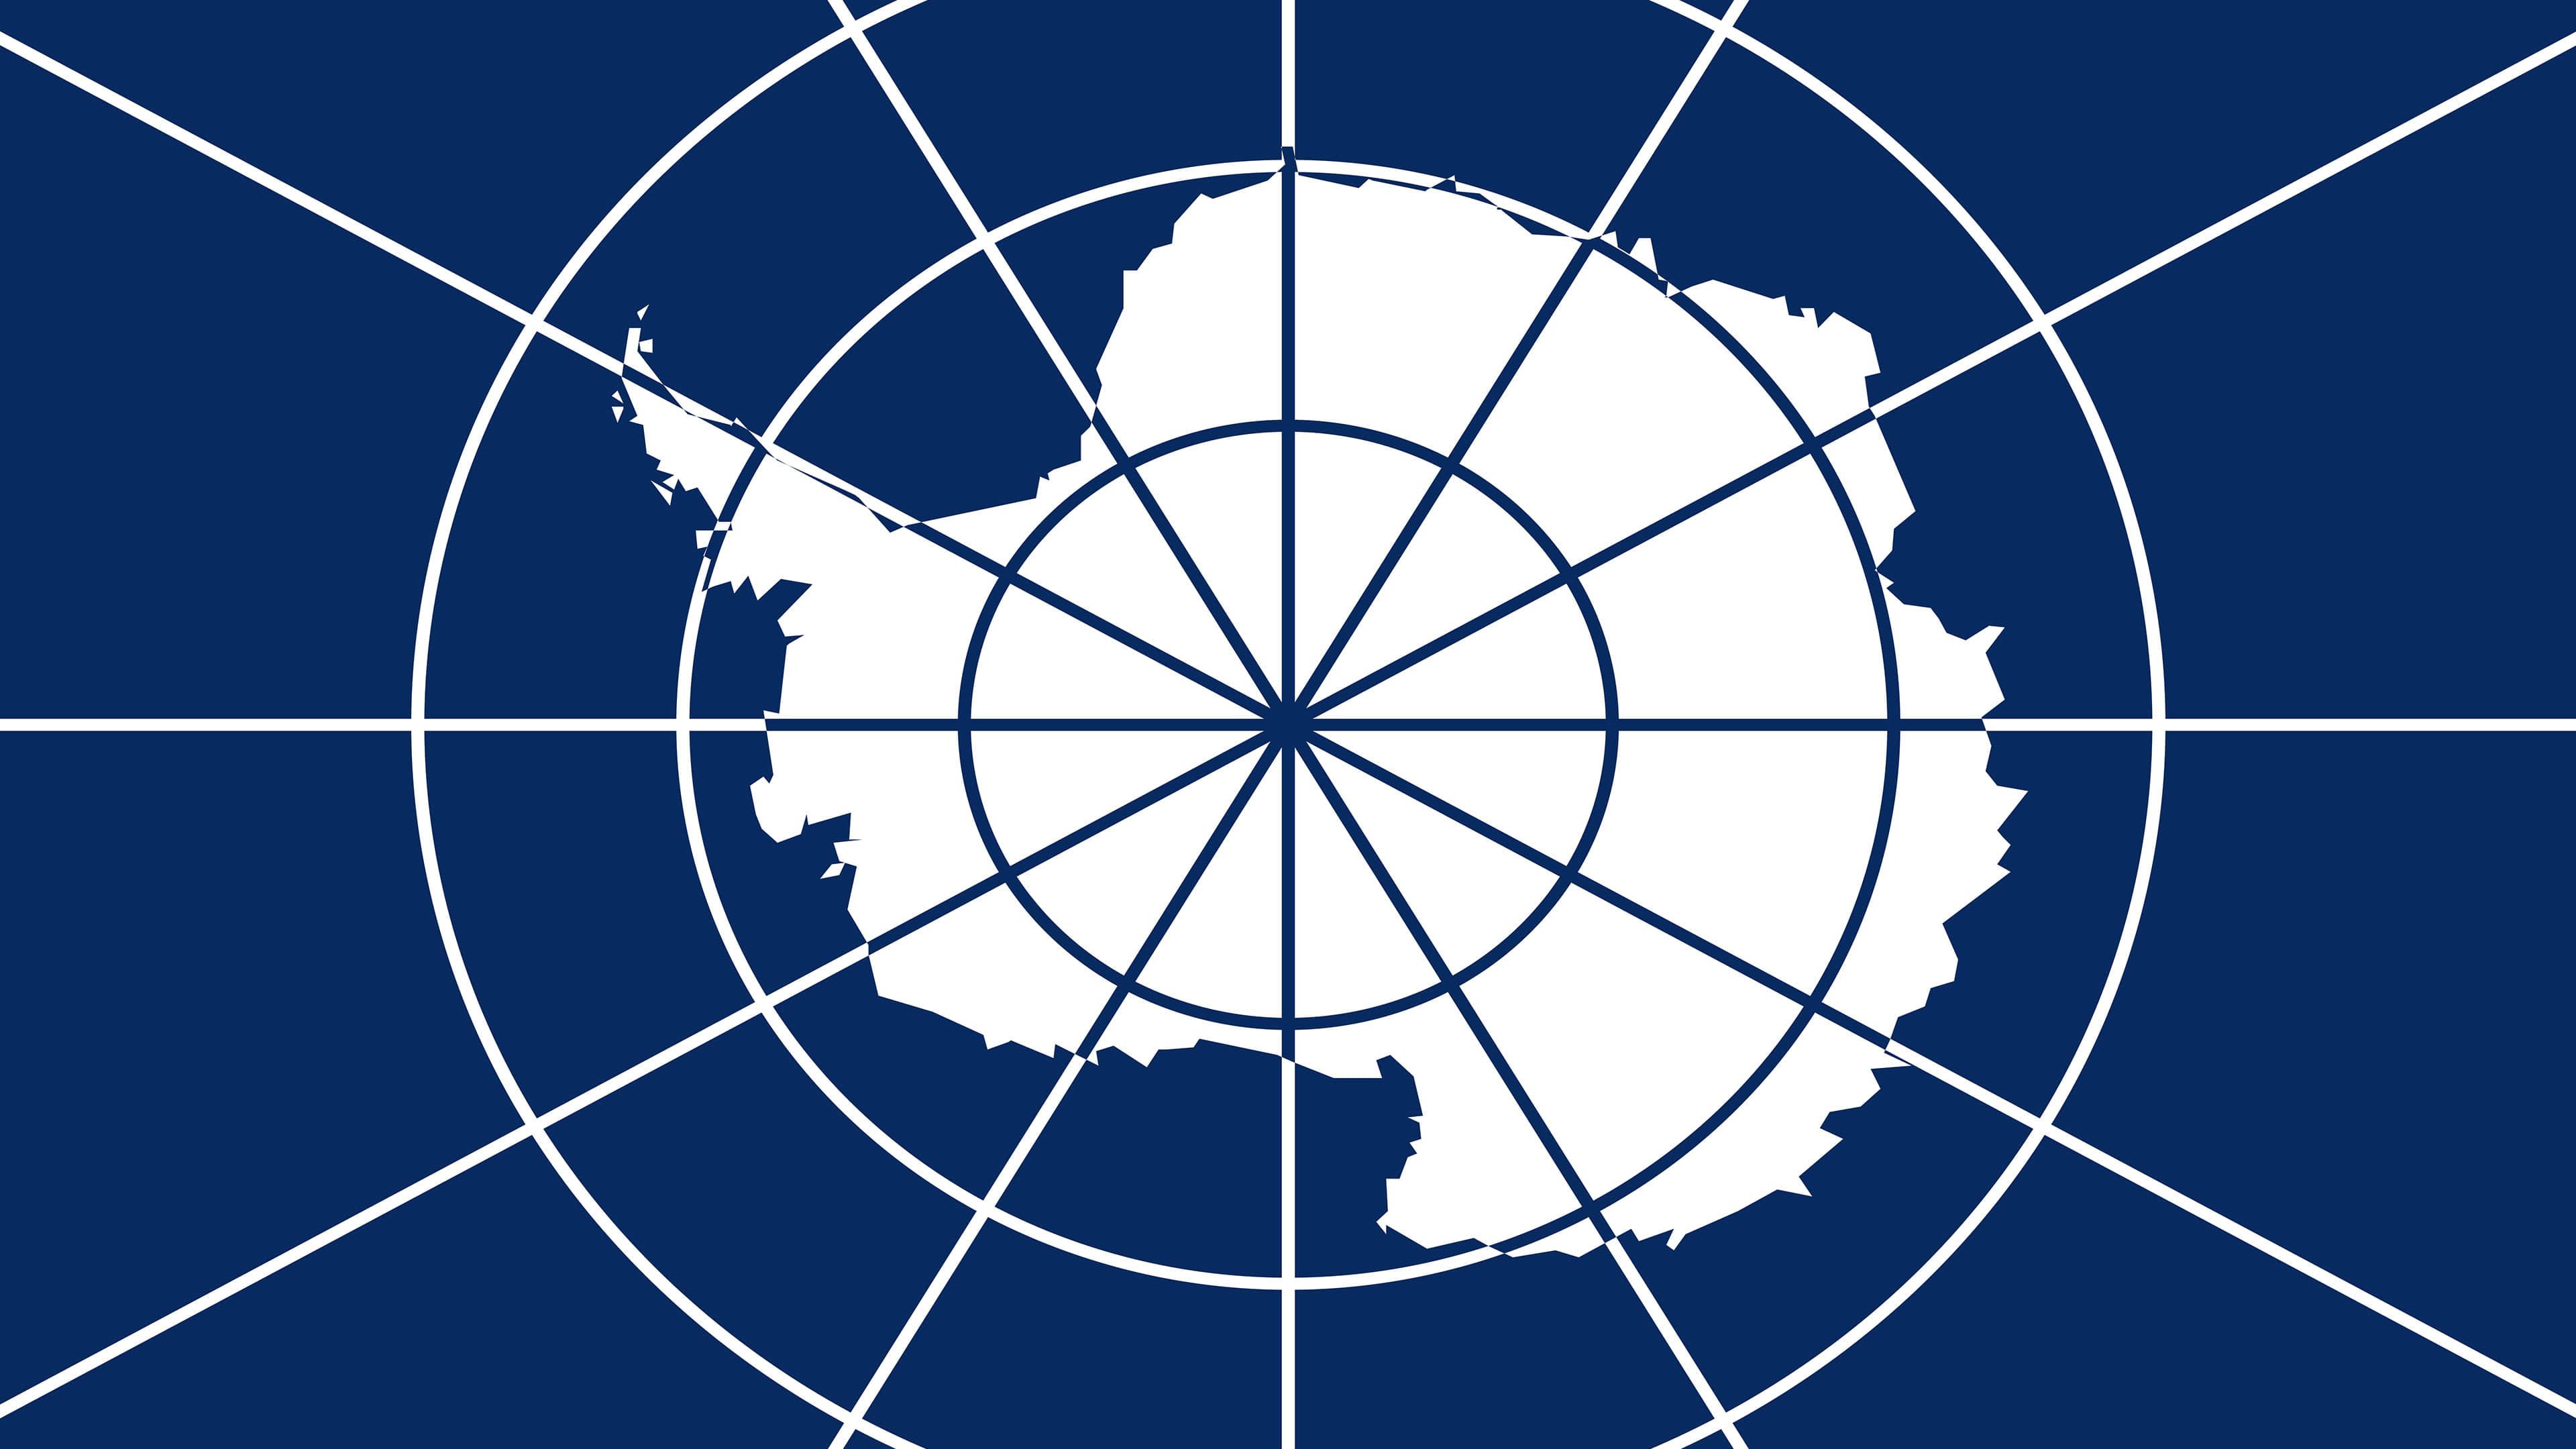 antarctica flag uhd 4k wallpaper